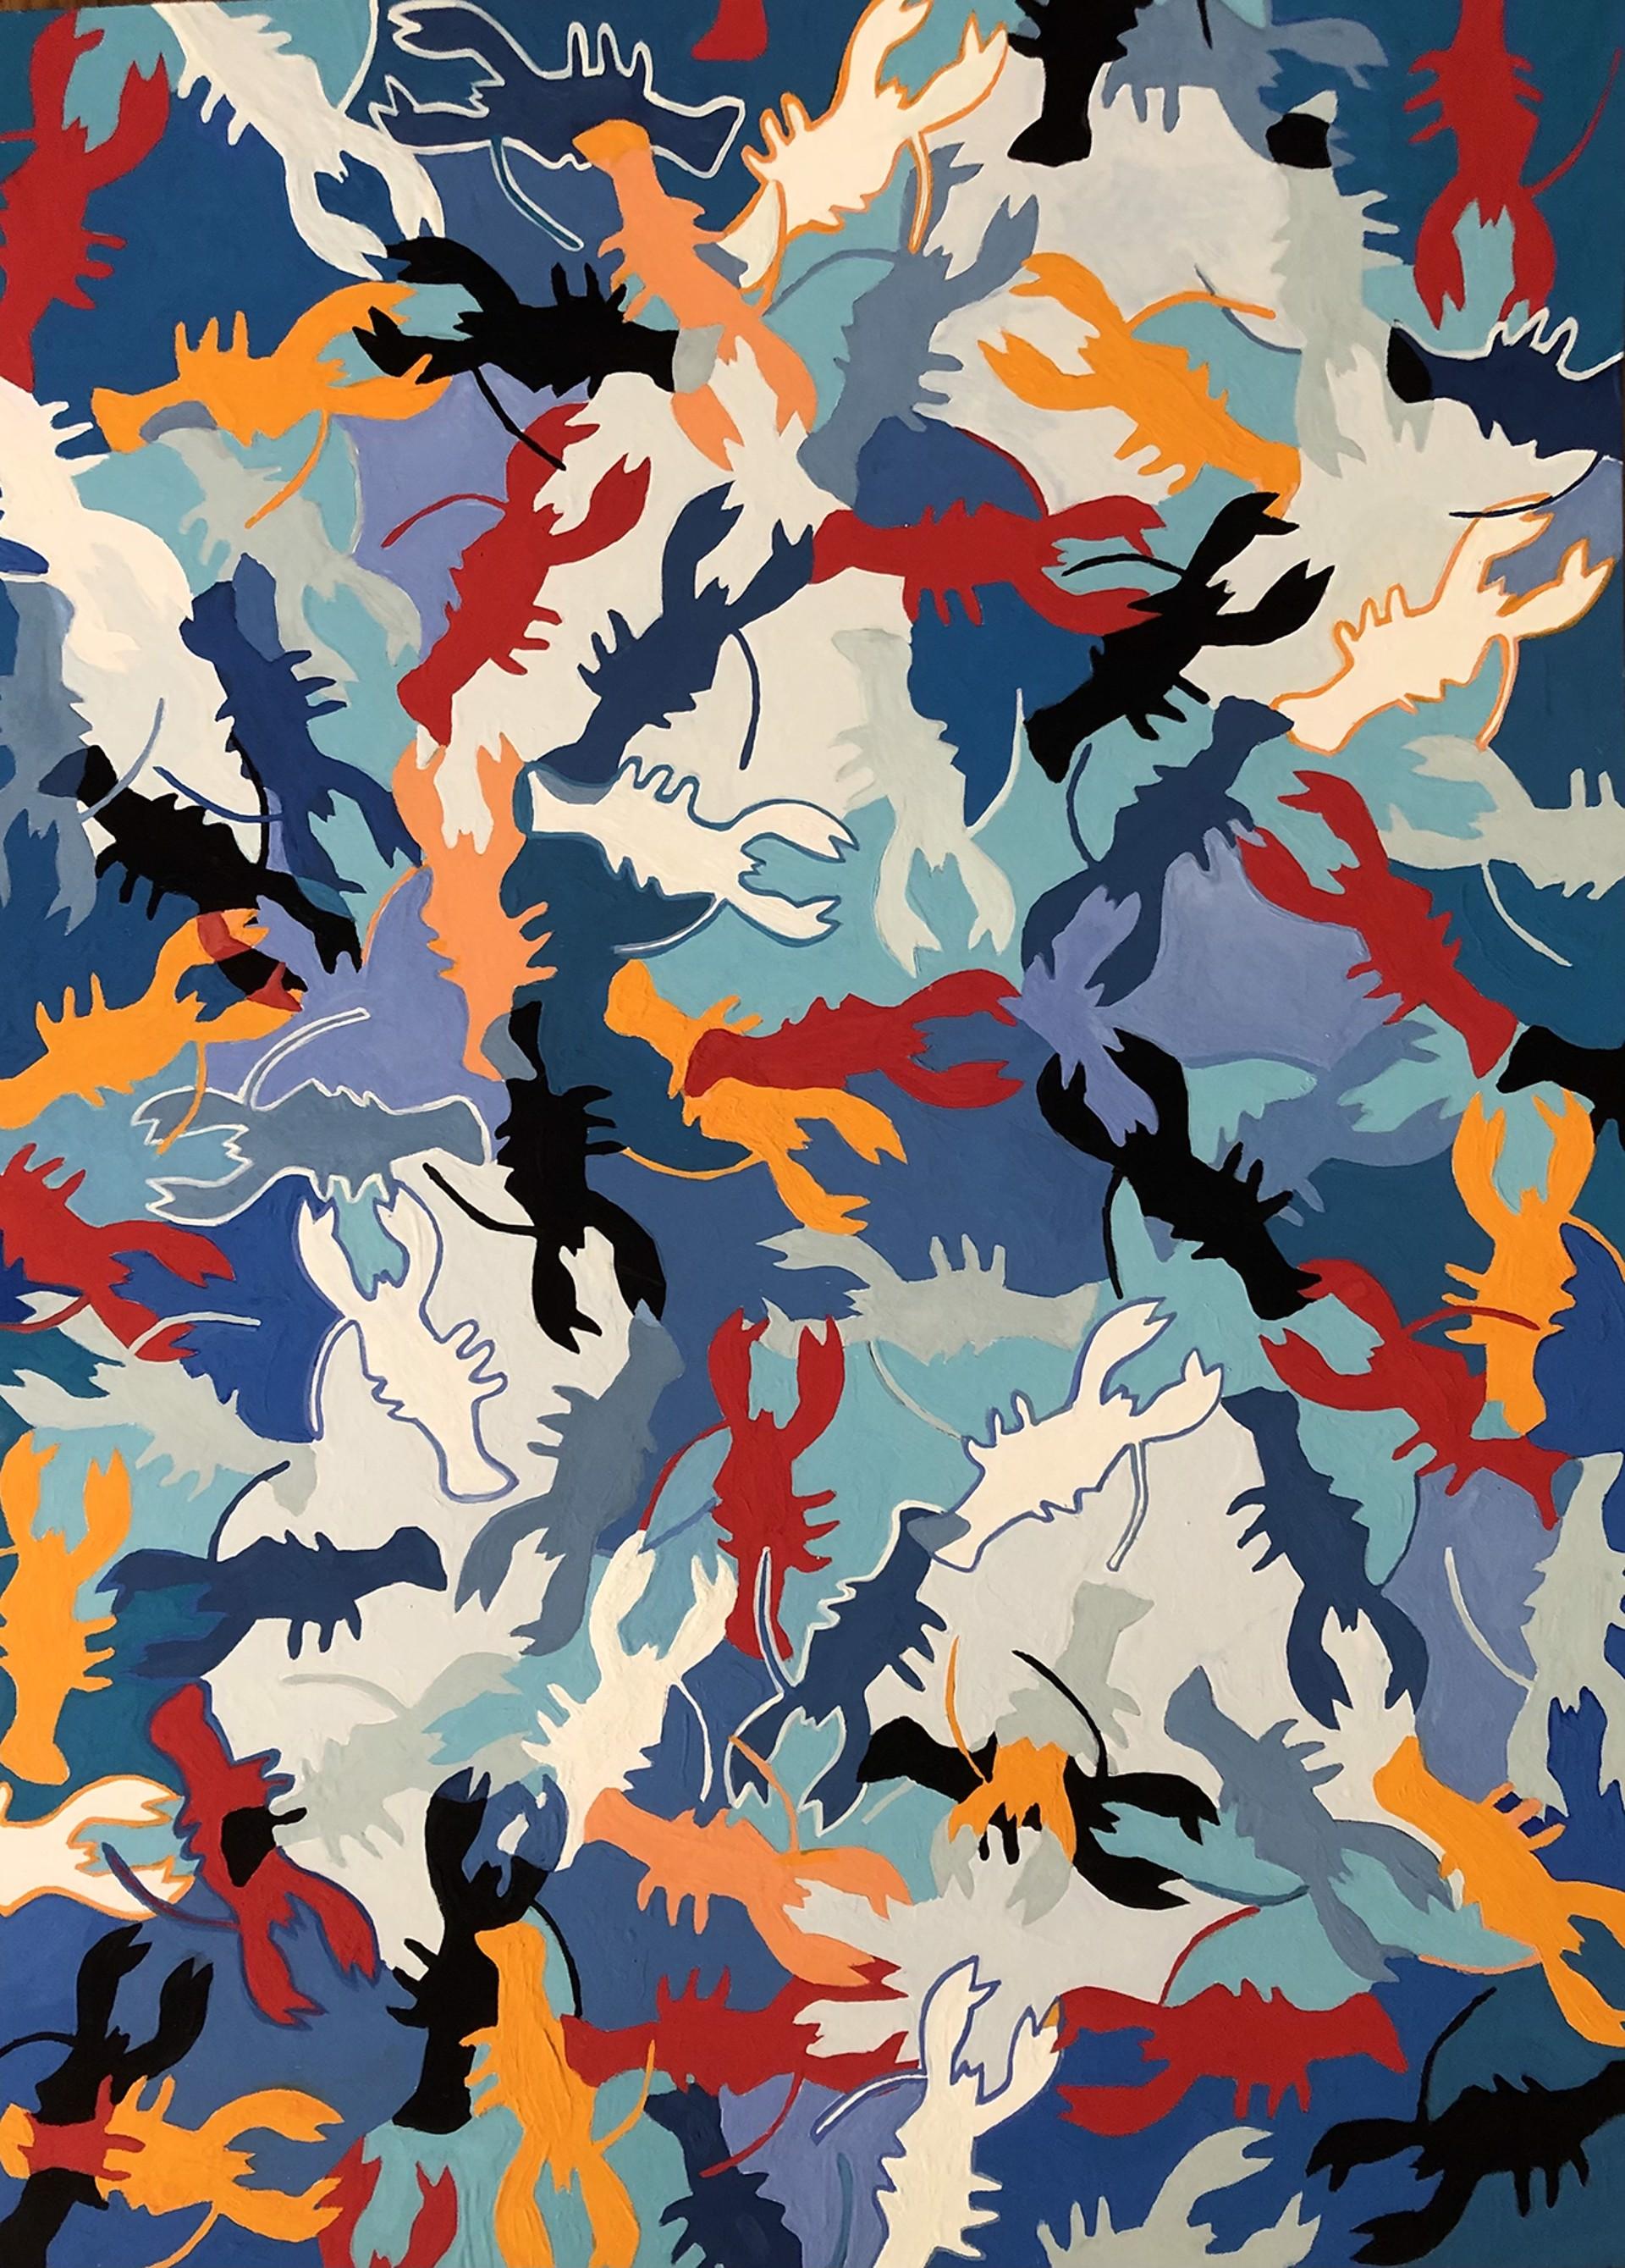 Lobster Freedom #2 by Lennie Alickman